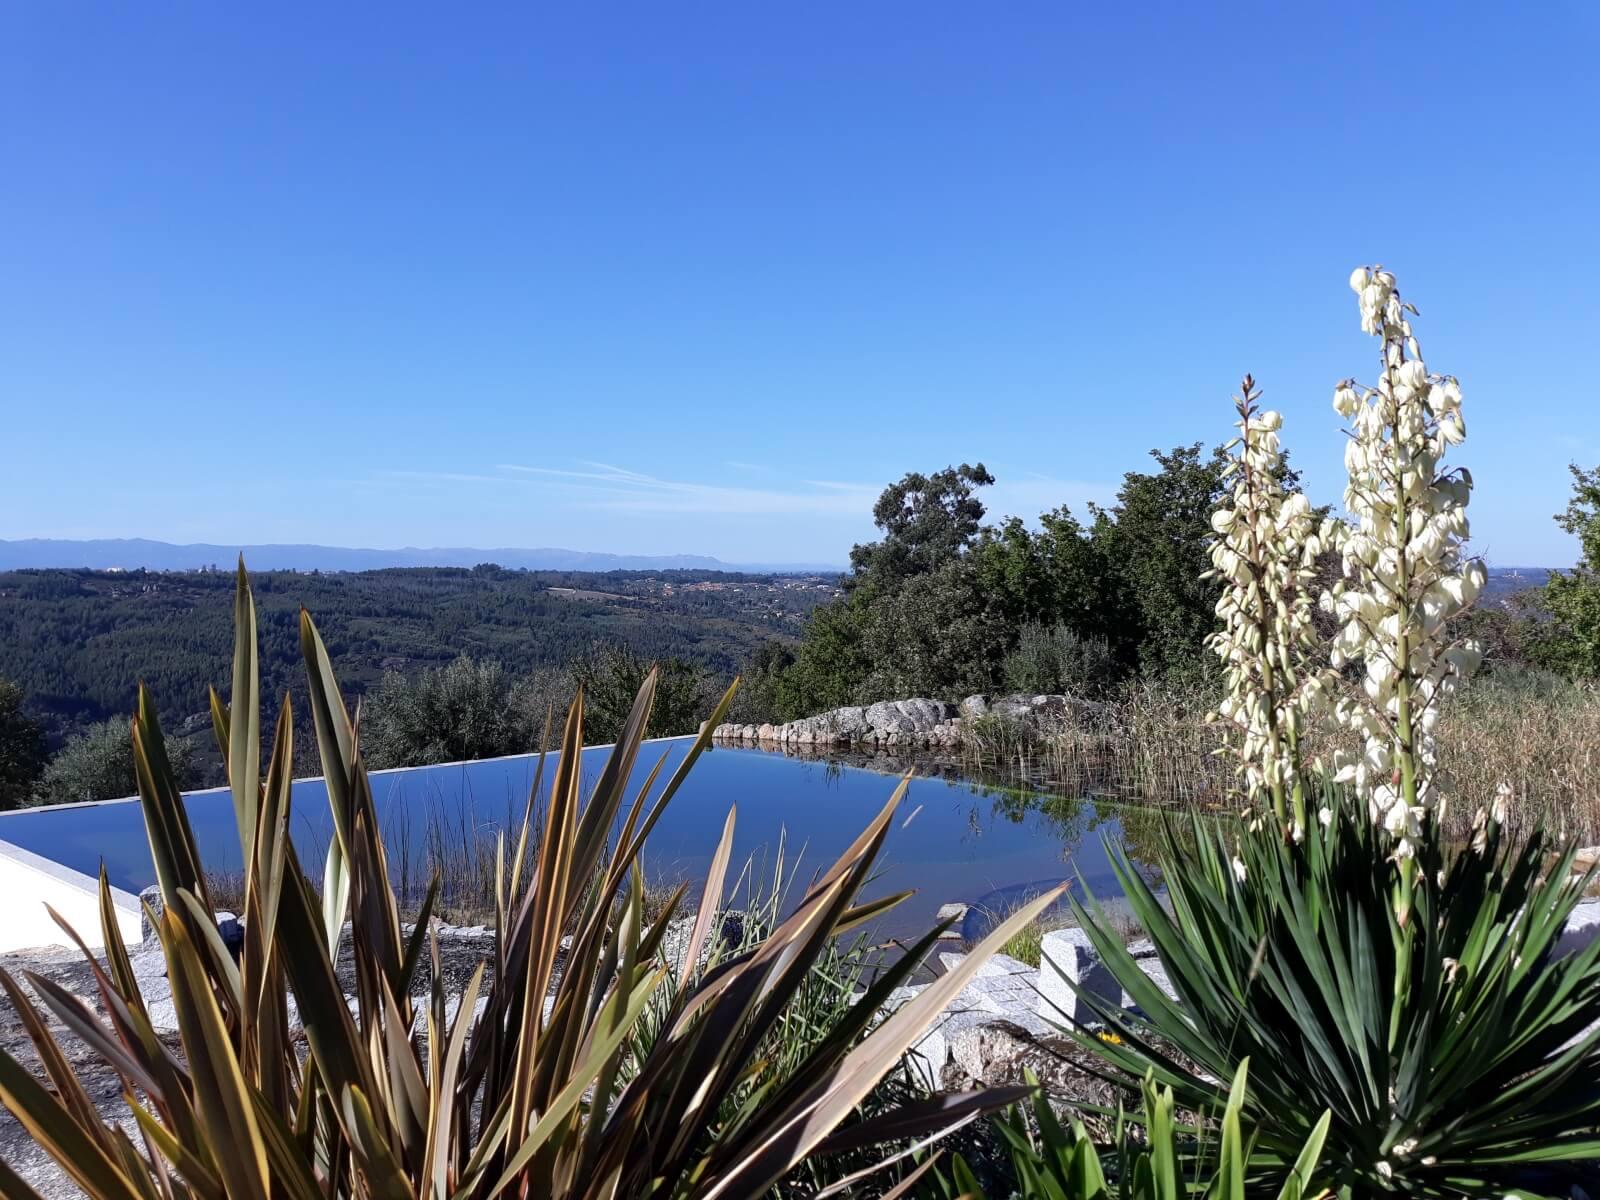 A piscina ecológica com belas vistas